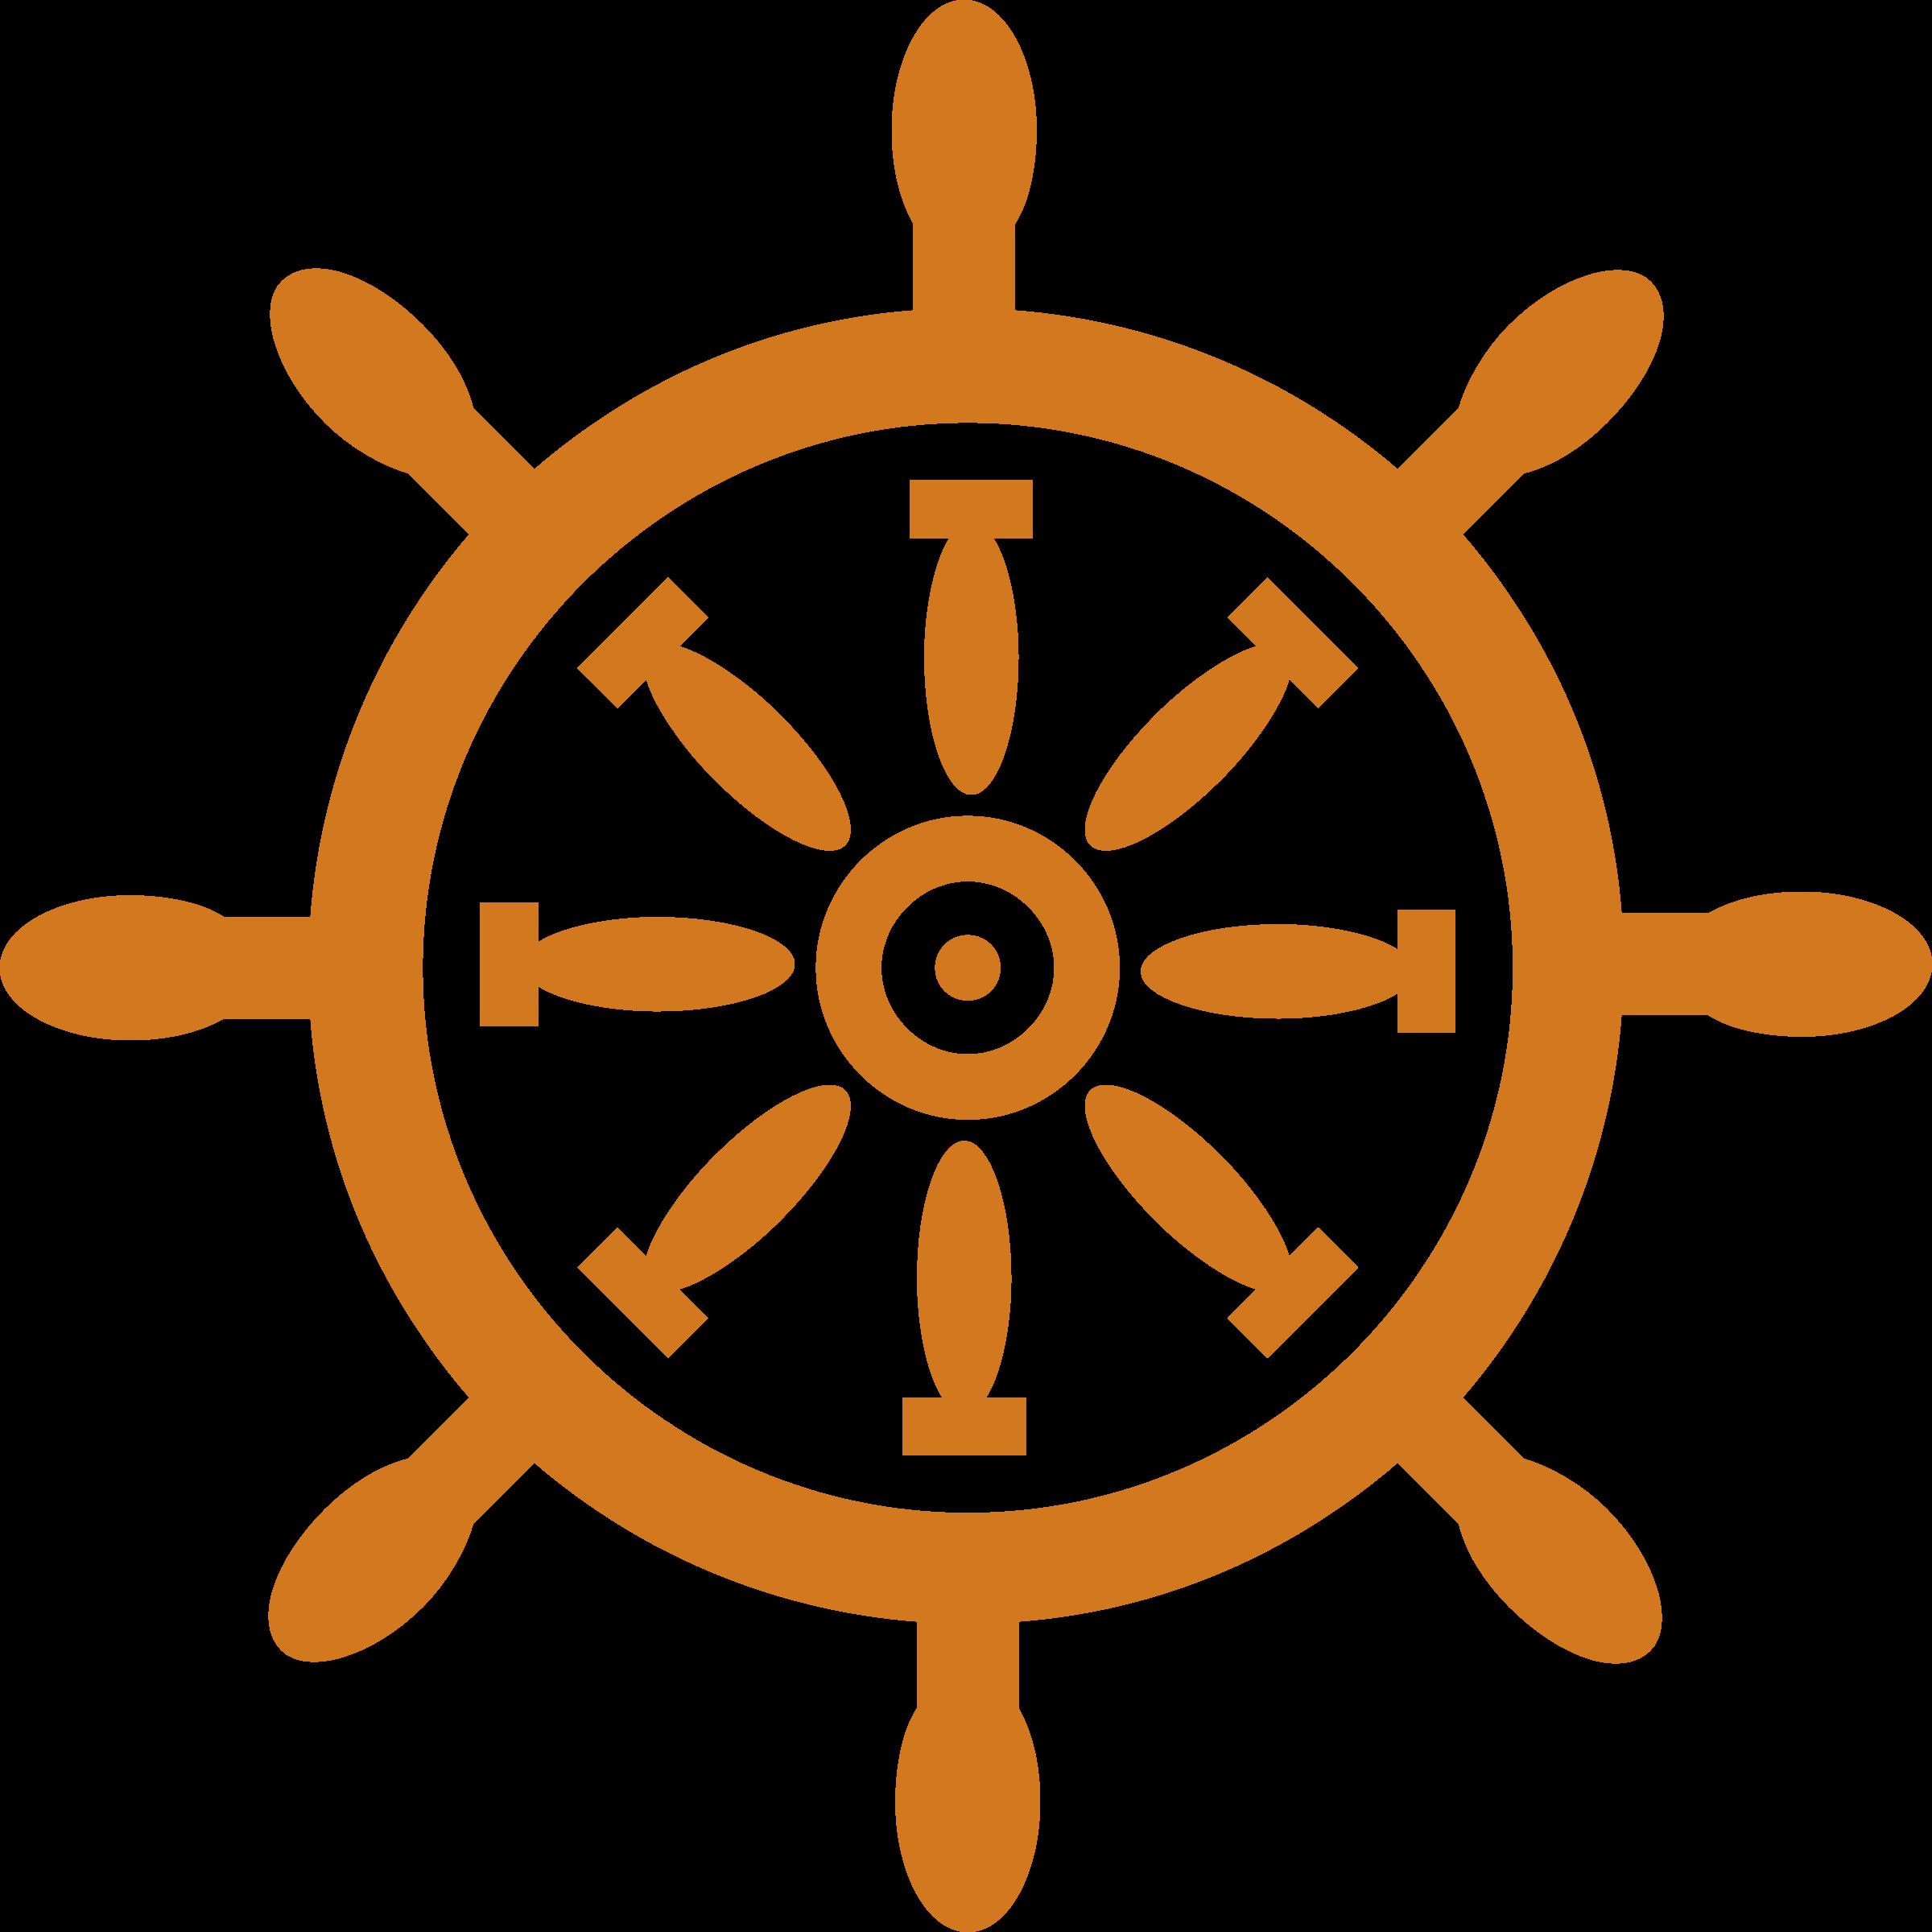 clip art library download Captain clipart ship pilot. Captains wheel big image.